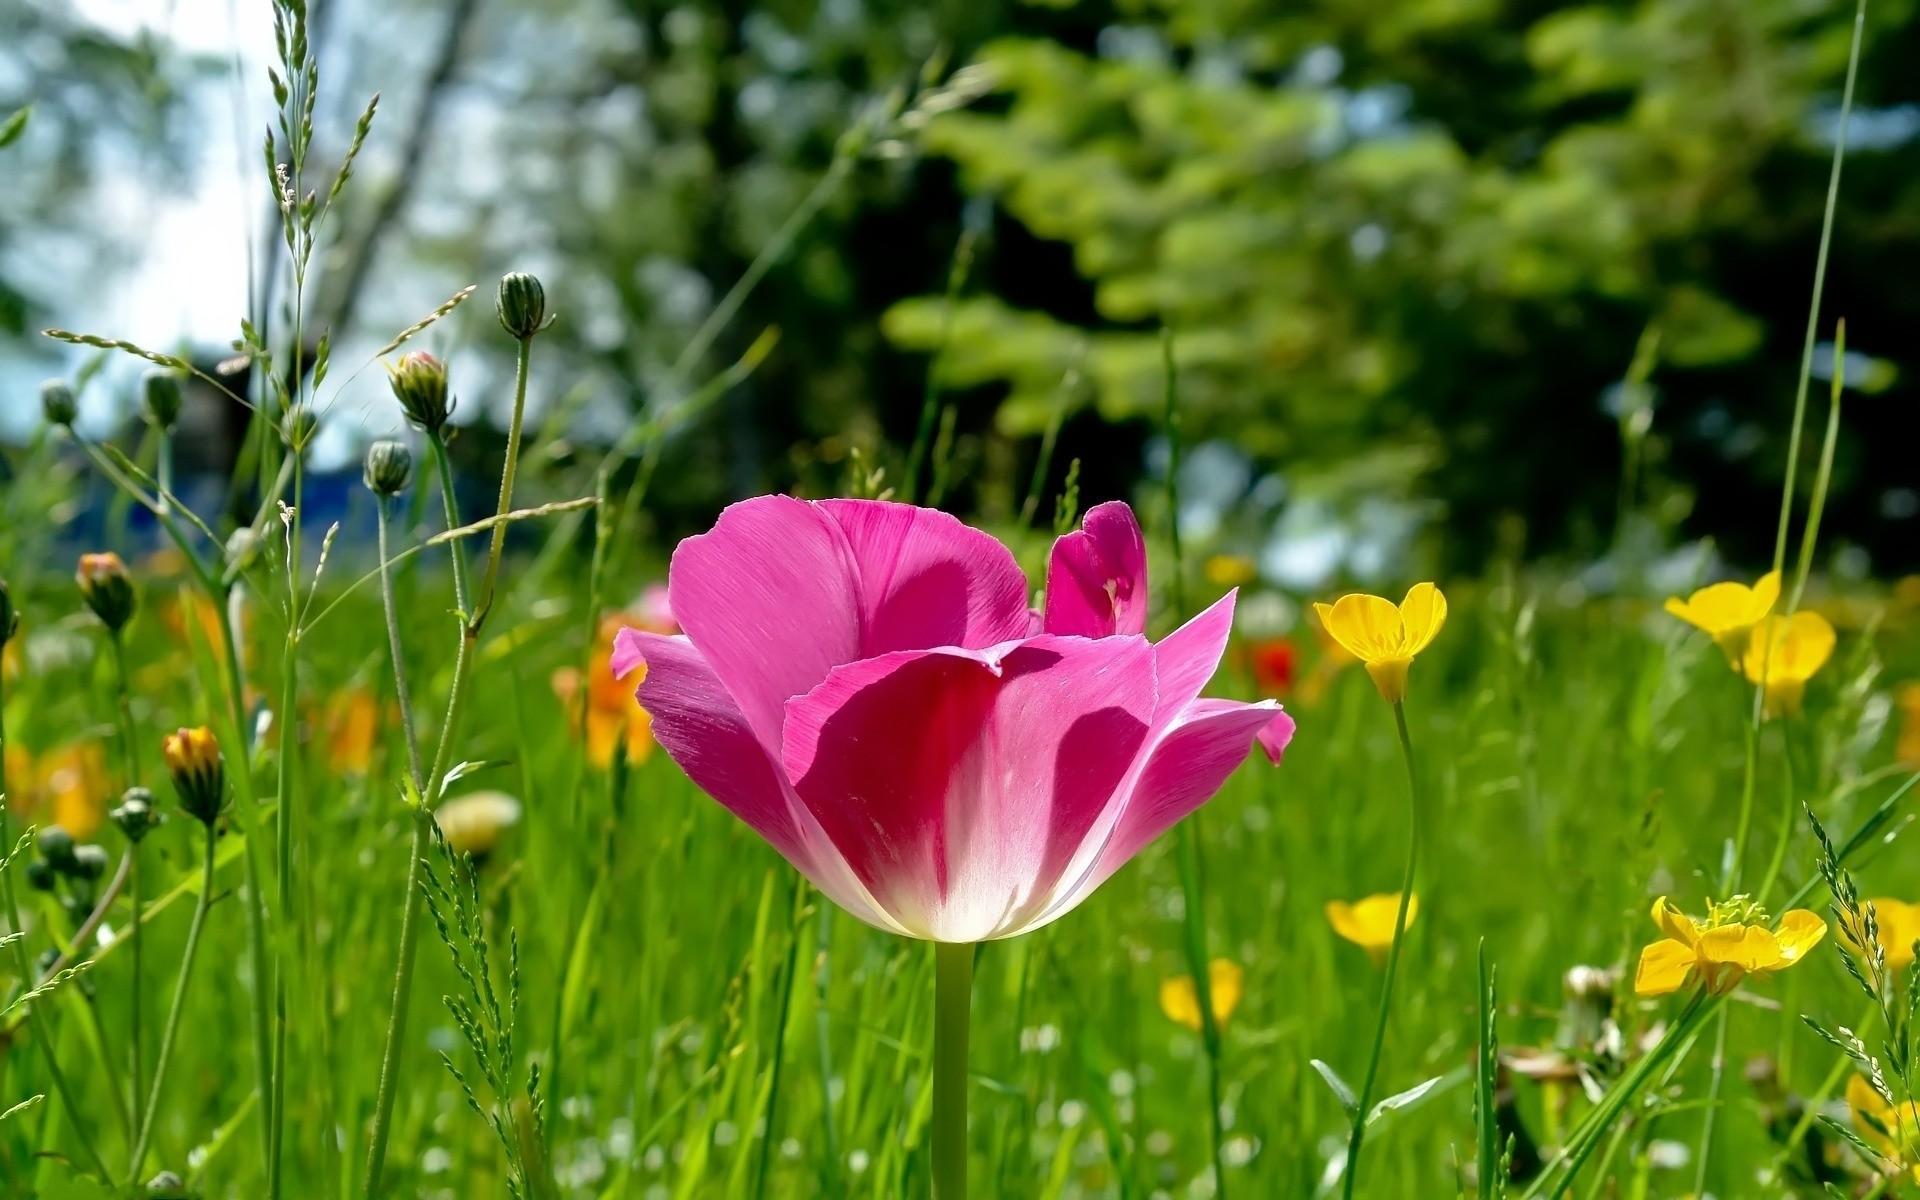 обои на рабочий стол весна лето цветы блюдо можно